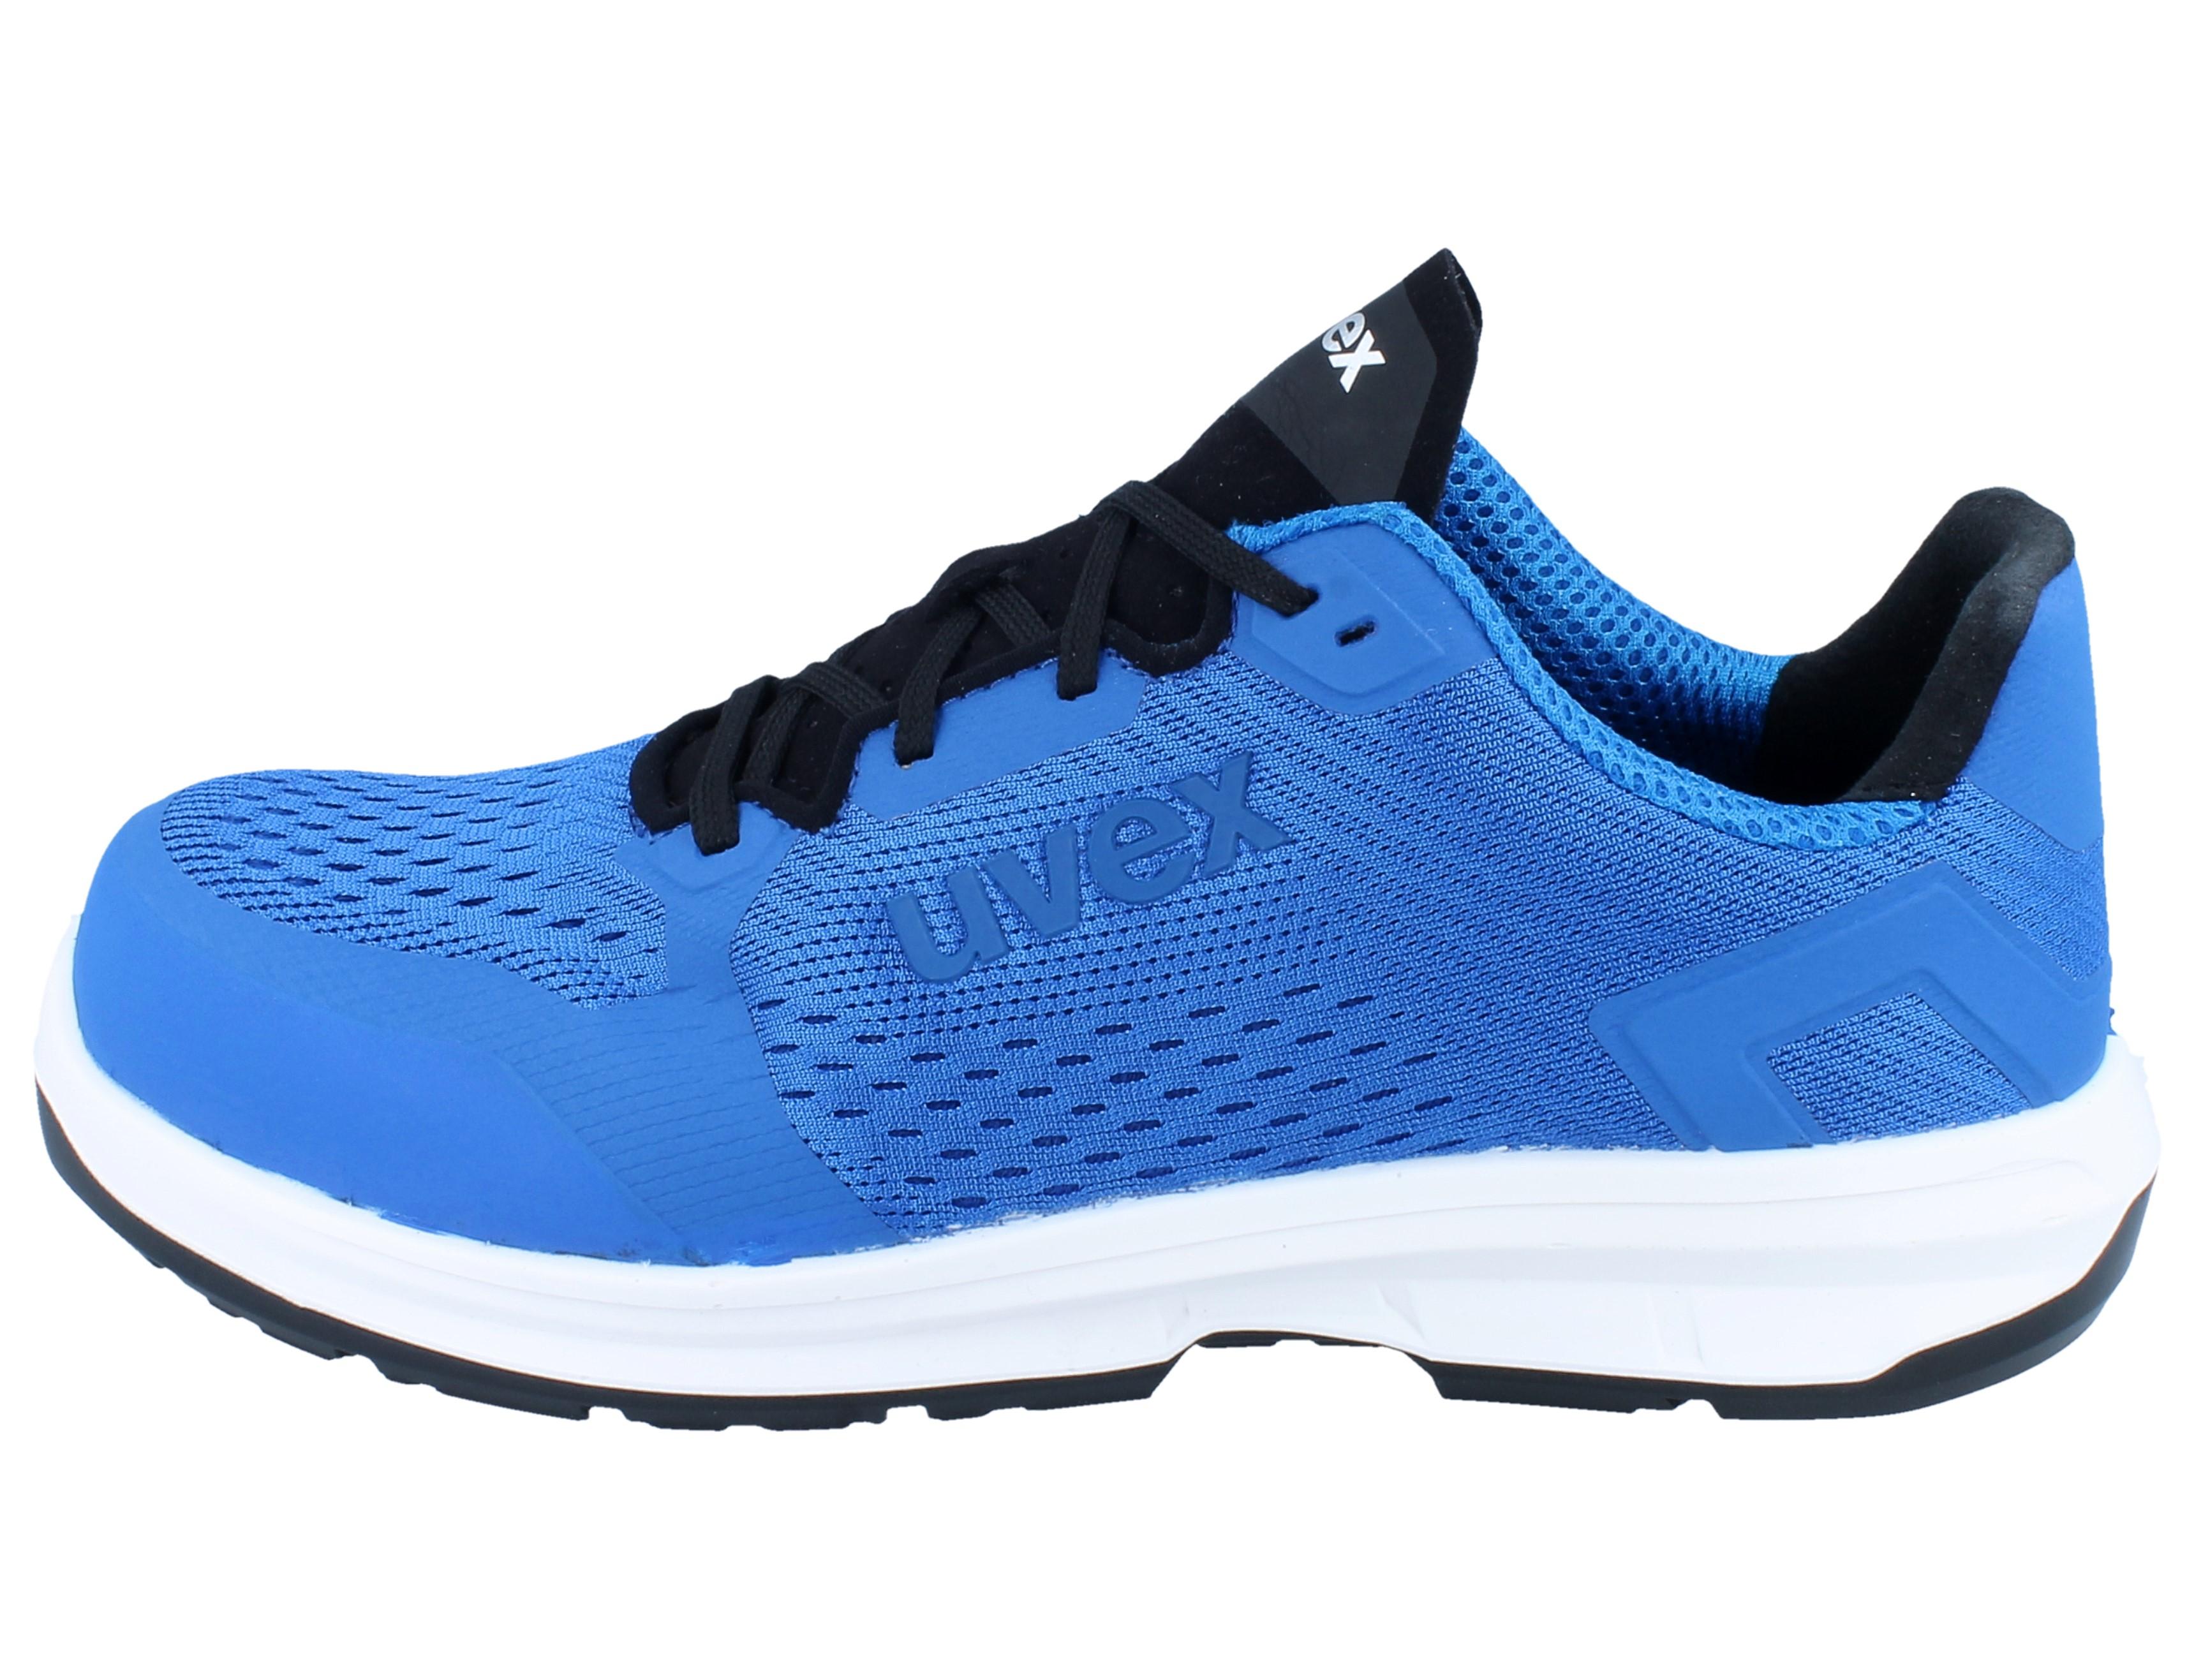 UVEX 1 sport Halbschuh 6599.8 S1 SRC Weite 11 blau